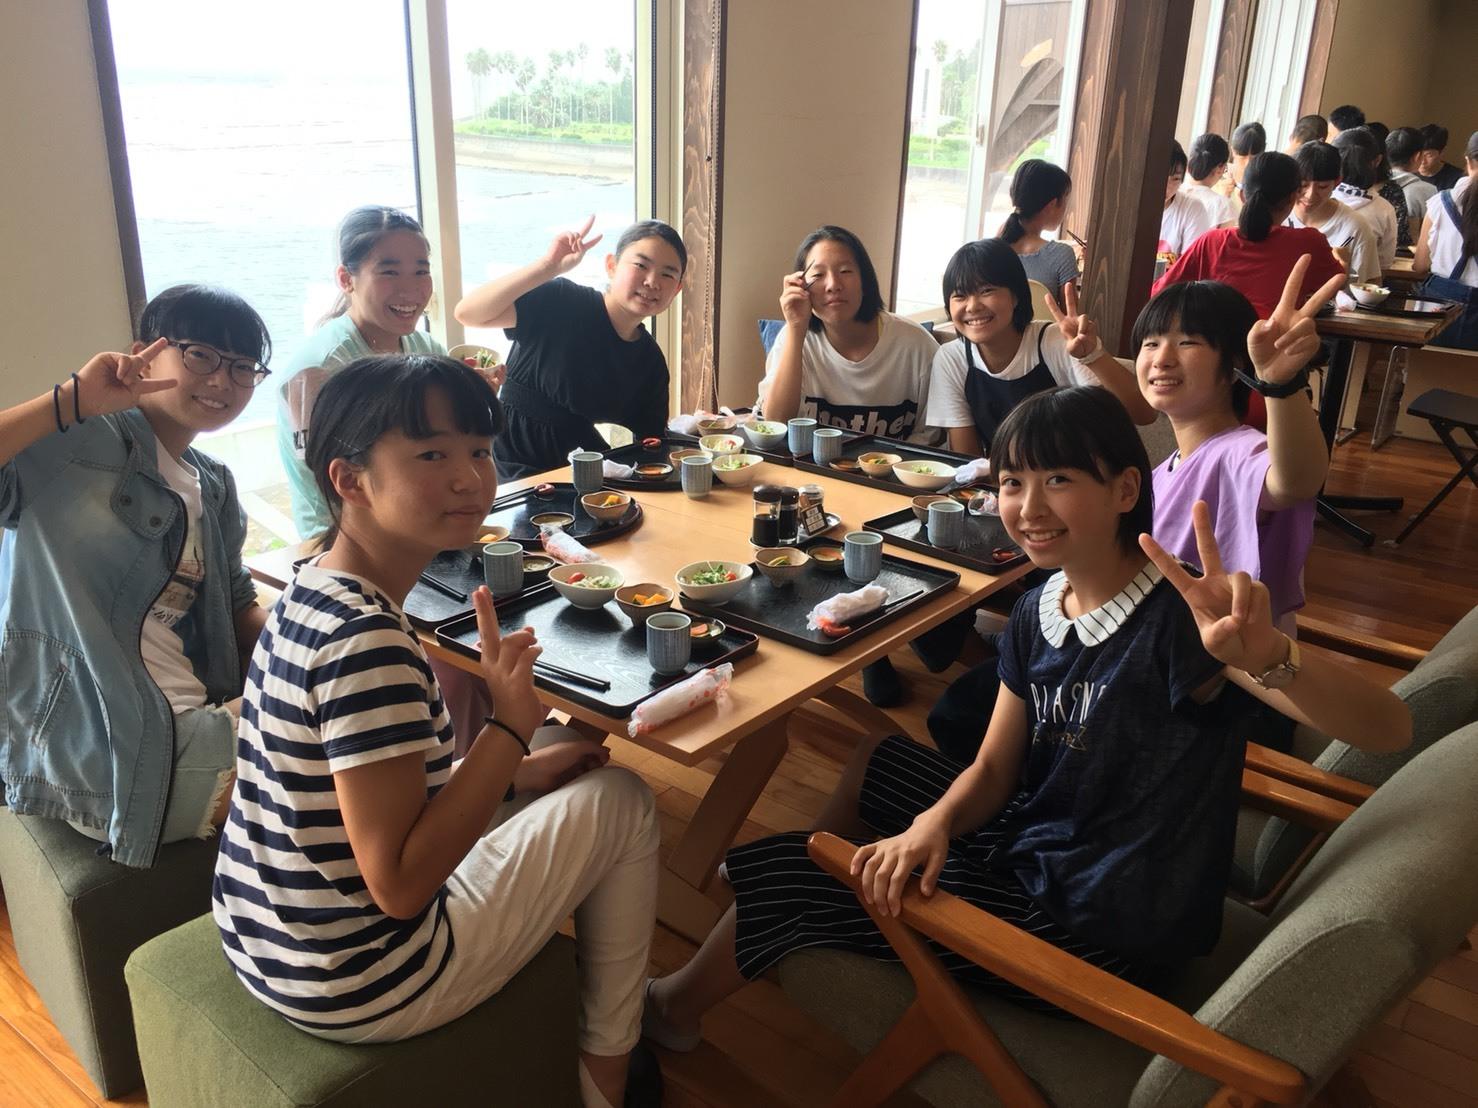 最高の学年による充実の宮崎夏合宿 -合宿1日目の写真-_d0116009_14522600.jpg